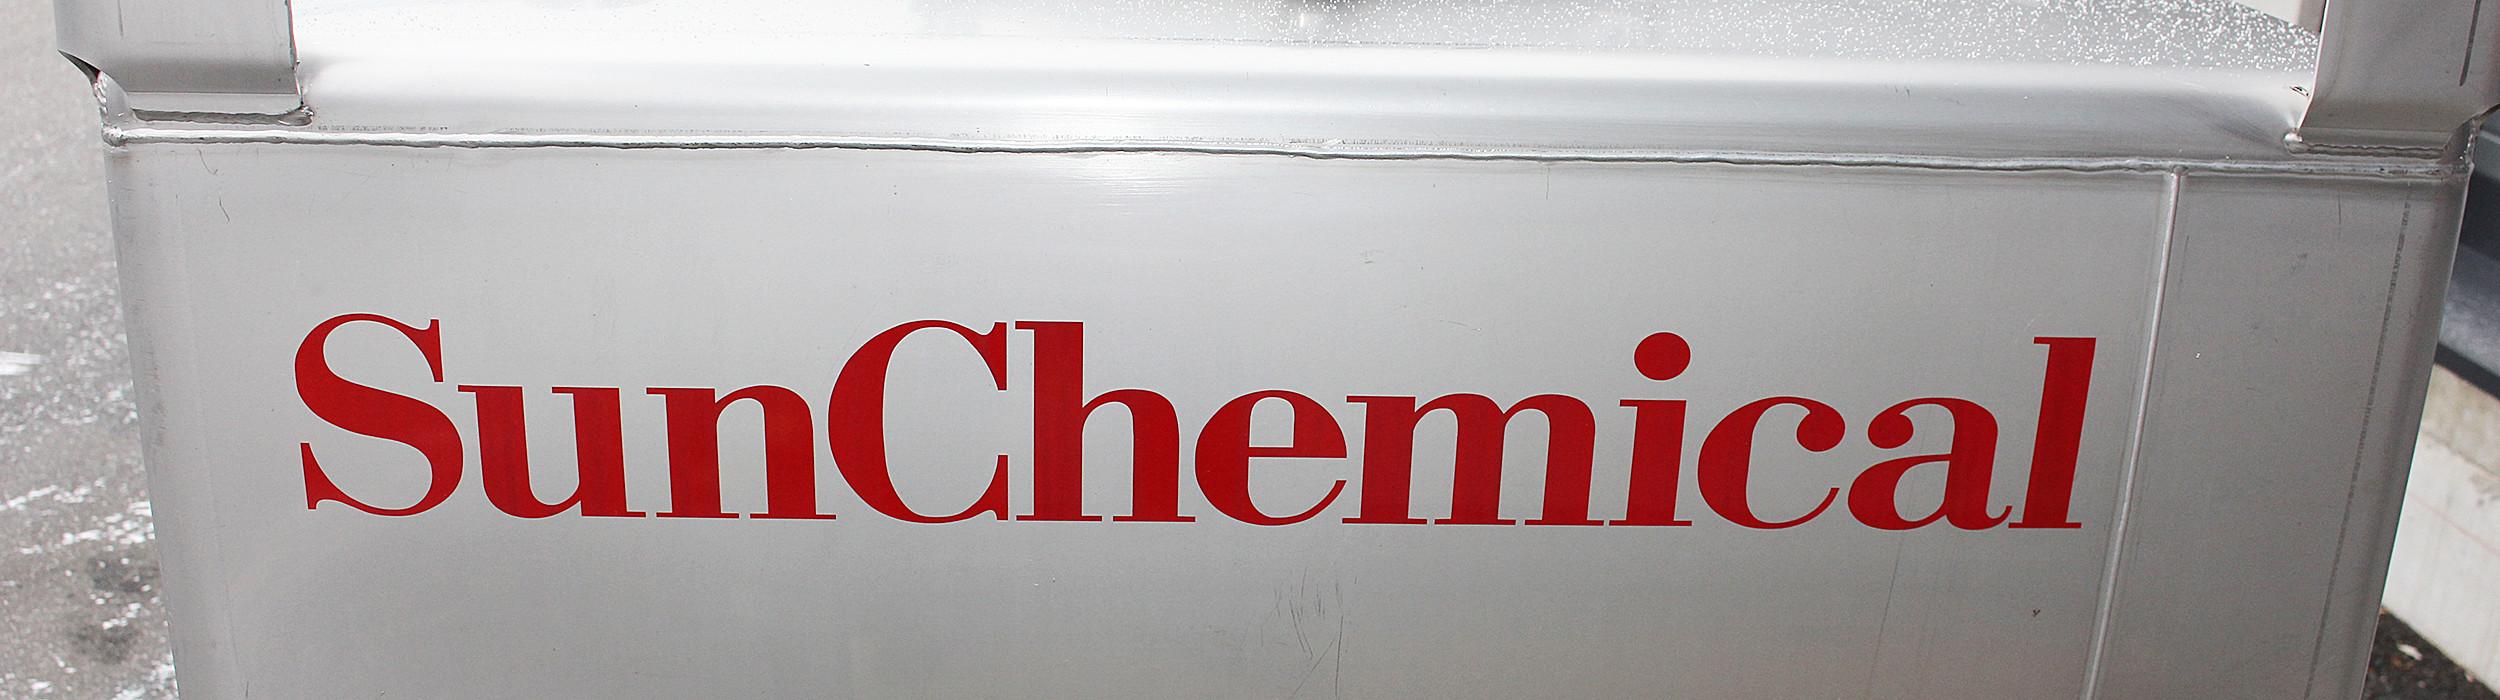 Suomessa Sun Chemical Oy tekee yhteistyötä Toyota Material Handlingin kanssa